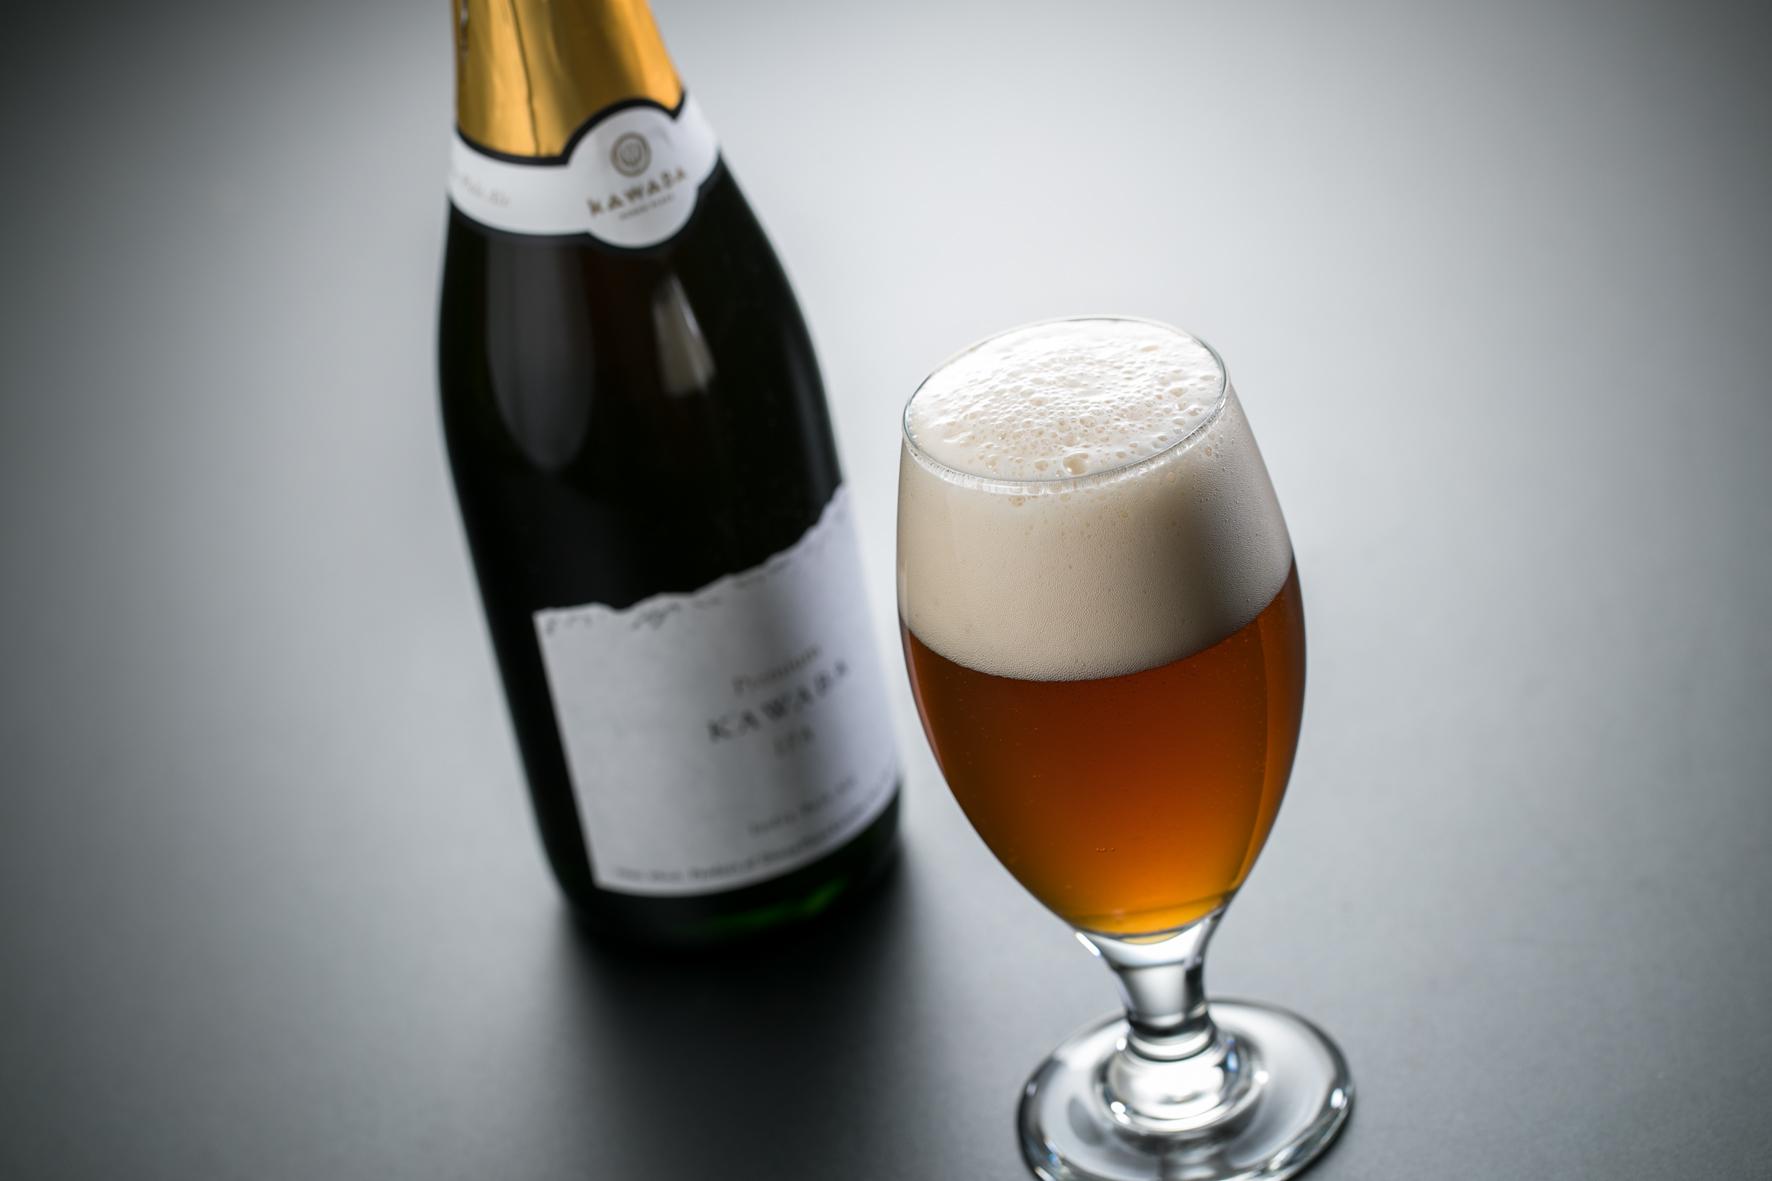 川場ビール4種詰め合わせセットの商品詳細イメージ-1450